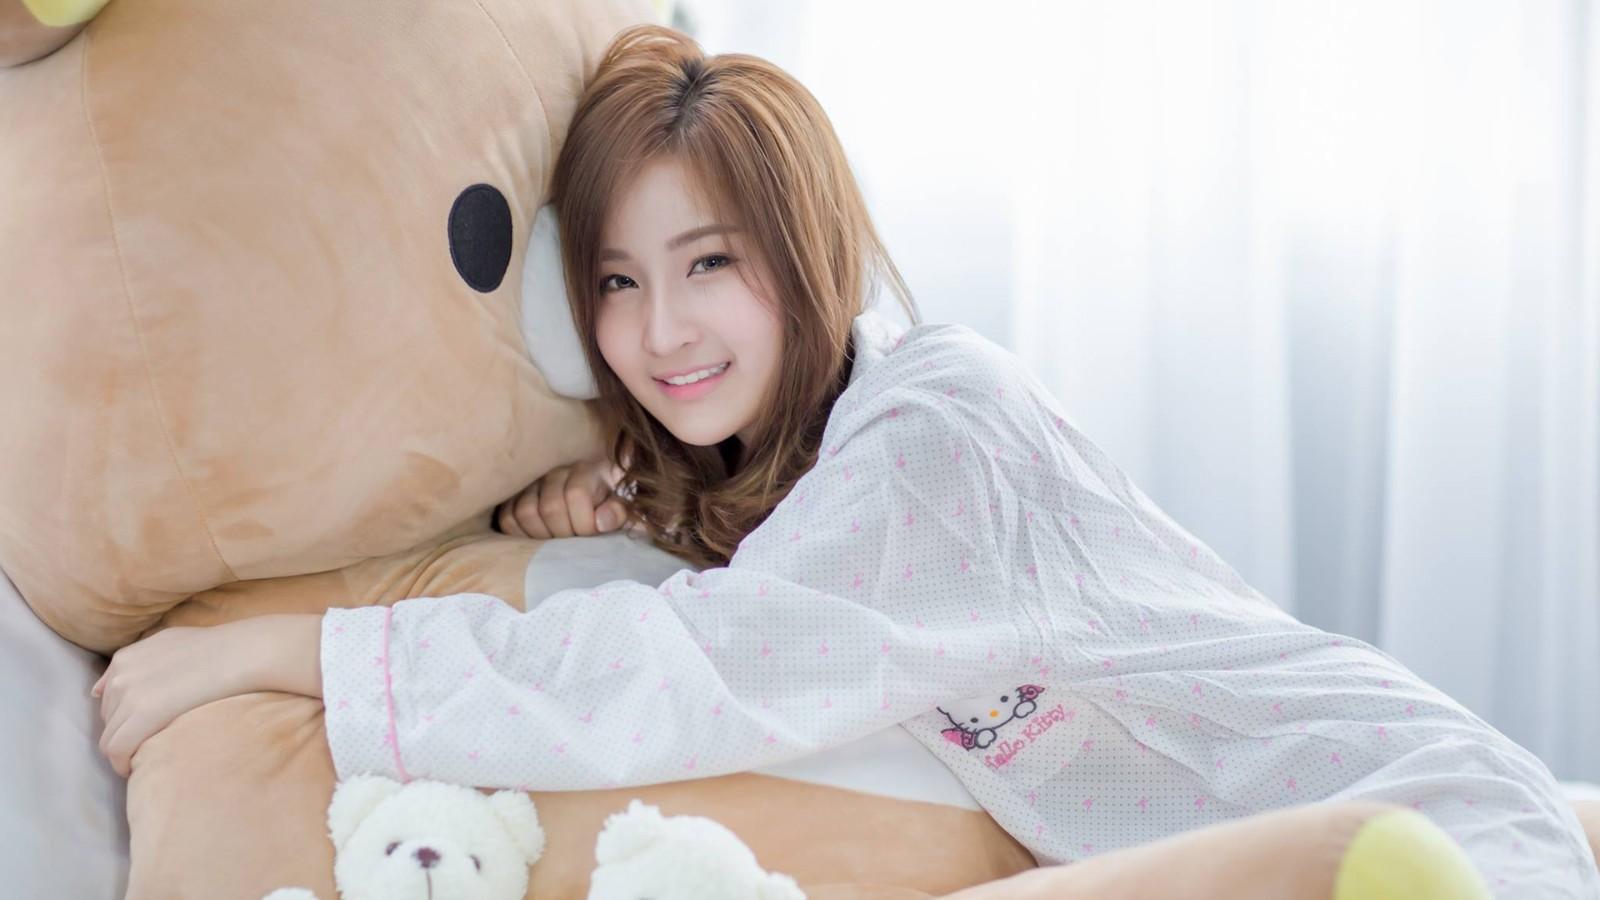 抱着毛绒玩具熊的美女壁纸